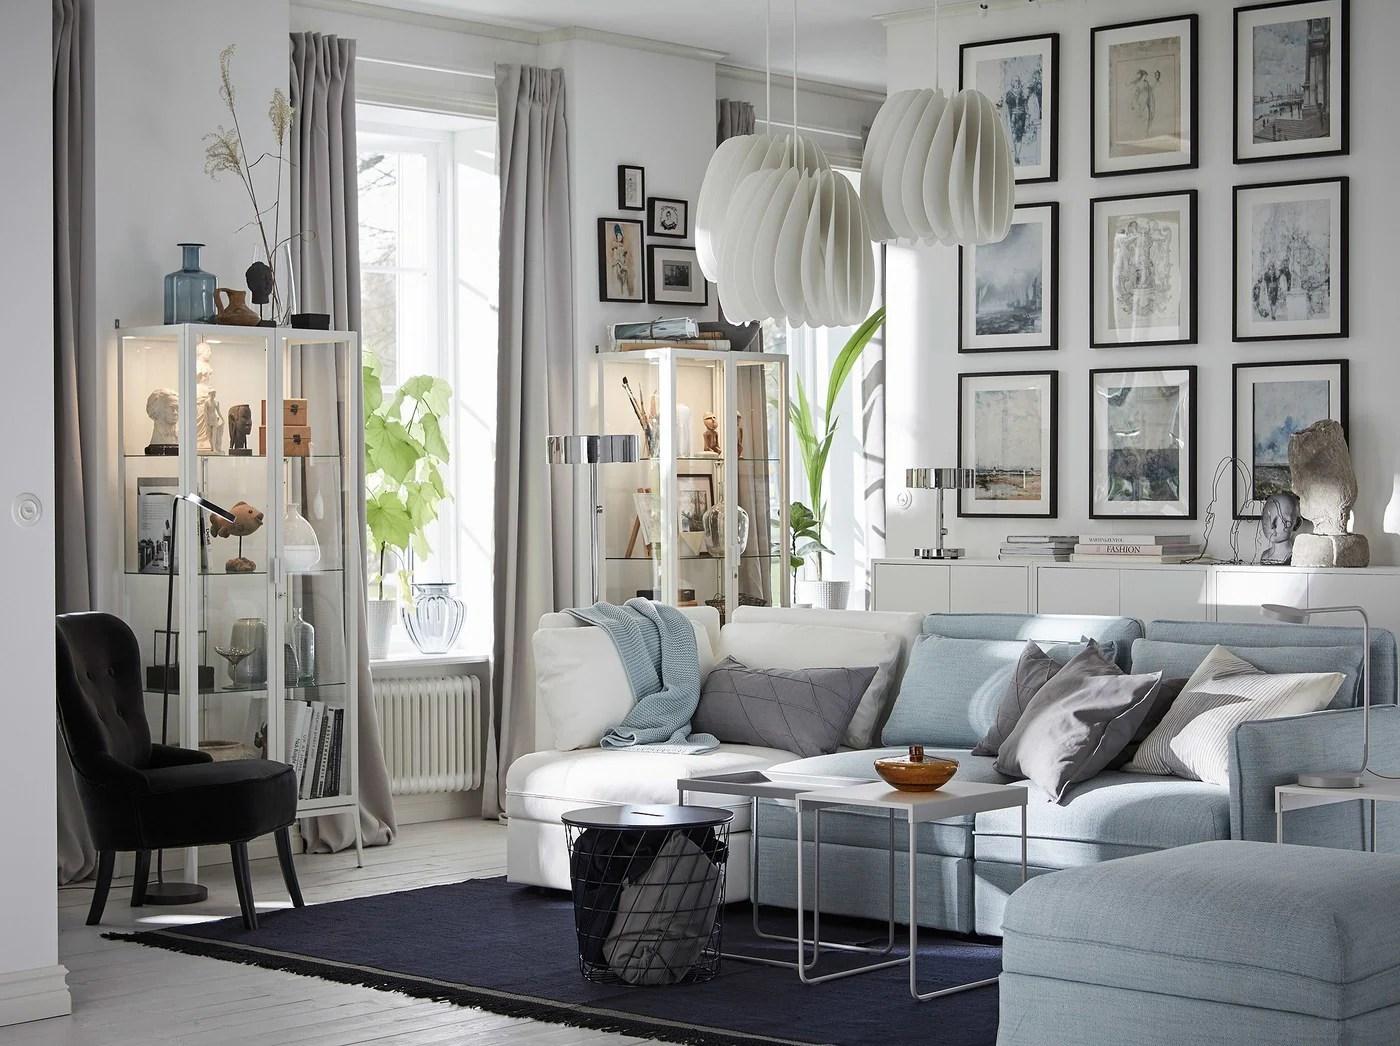 Muebles de saln  IKEA